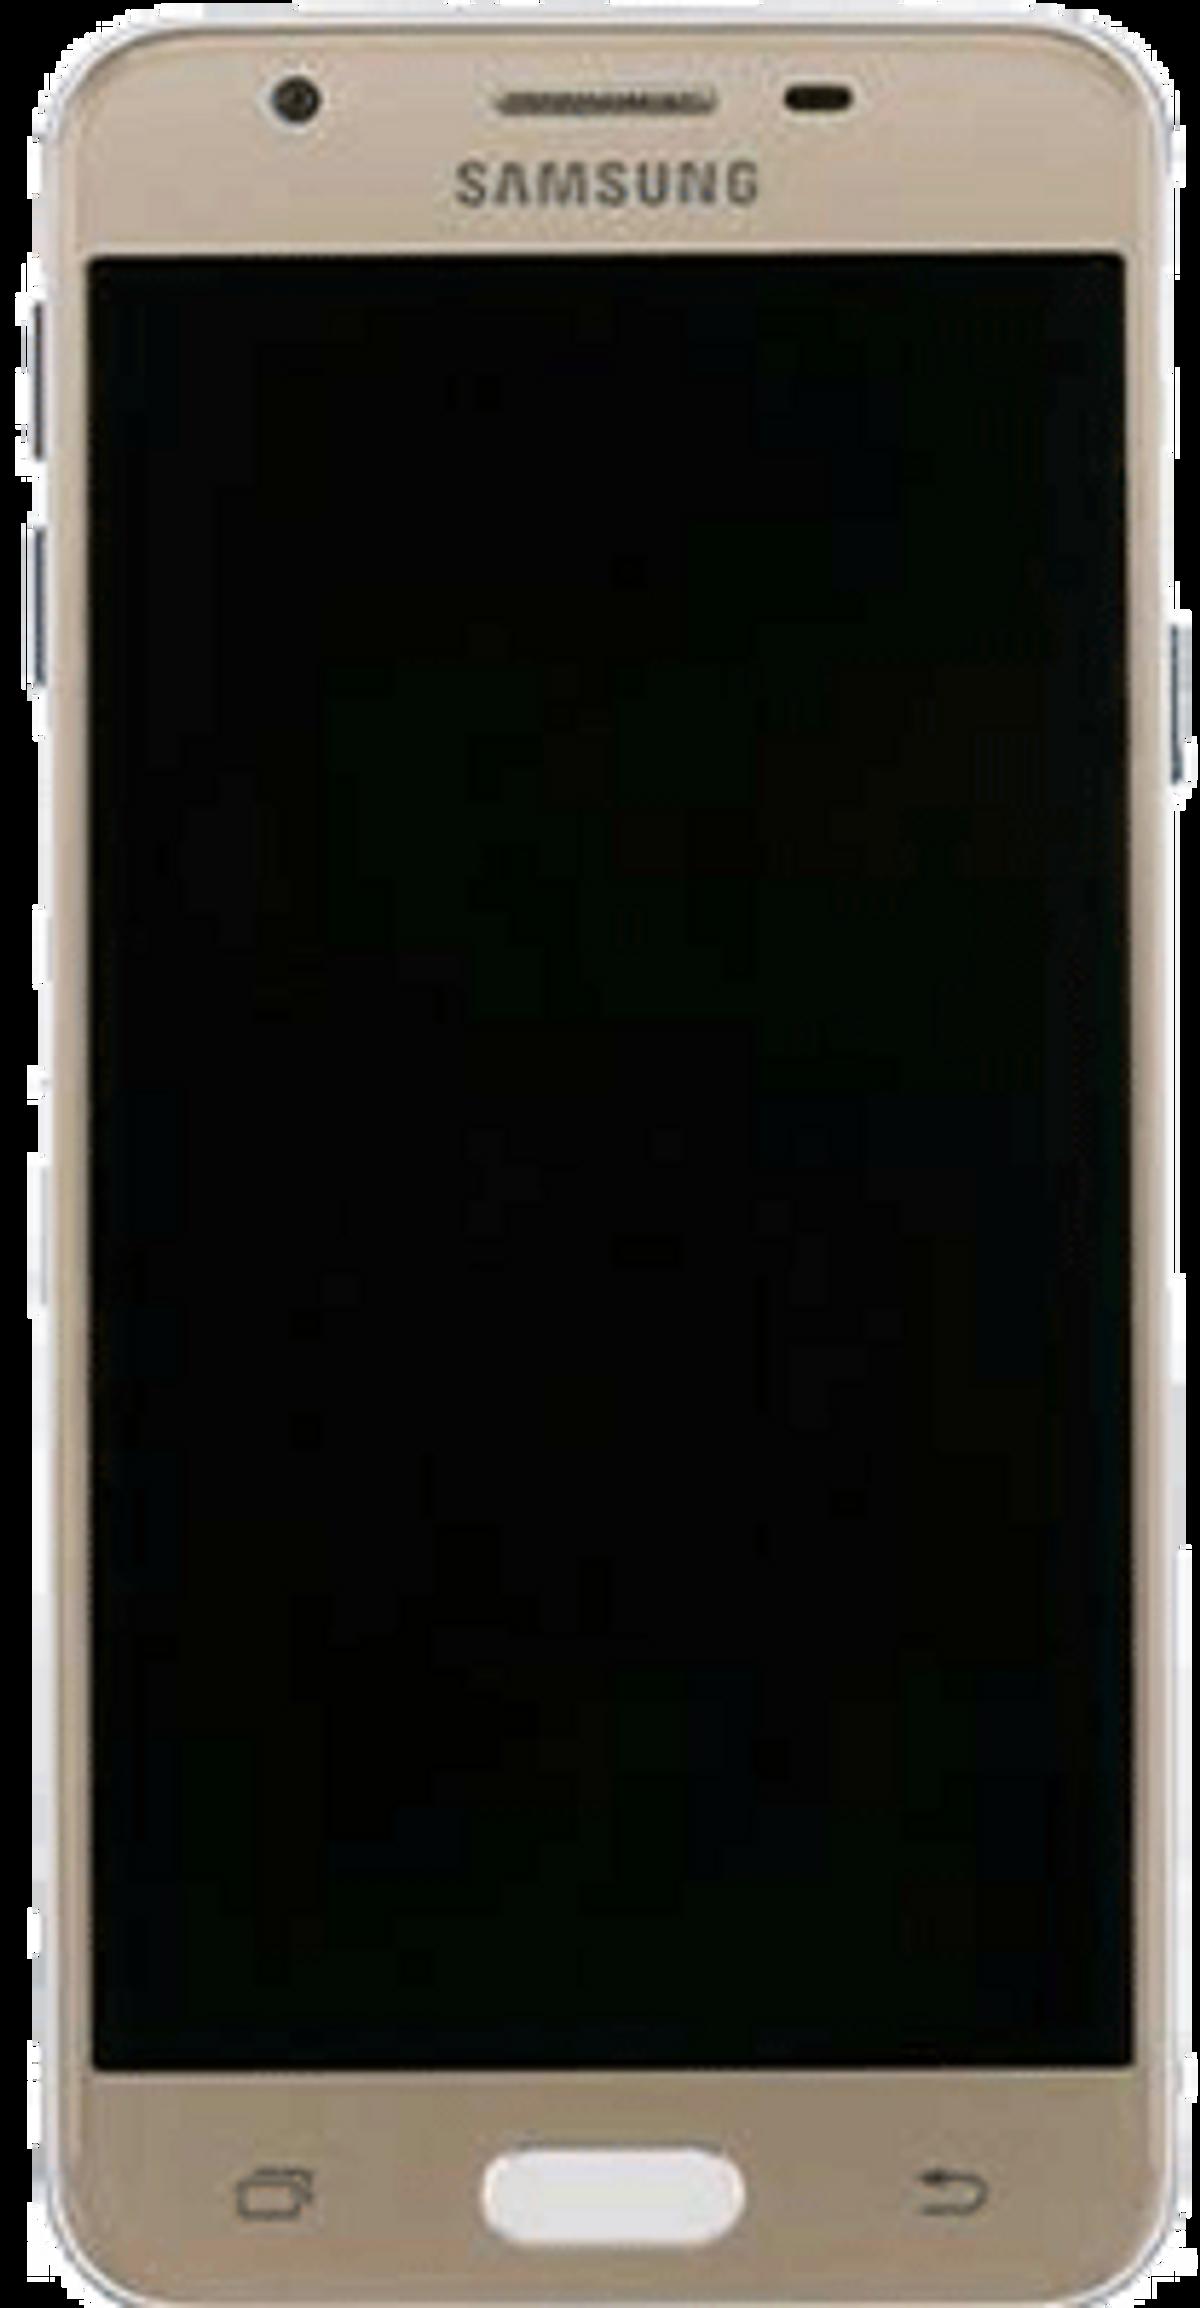 For Samsung 5510/5512/6510/6512 Fuser Unit 110/220 Volt Jc9101014a ... | 2308x1200